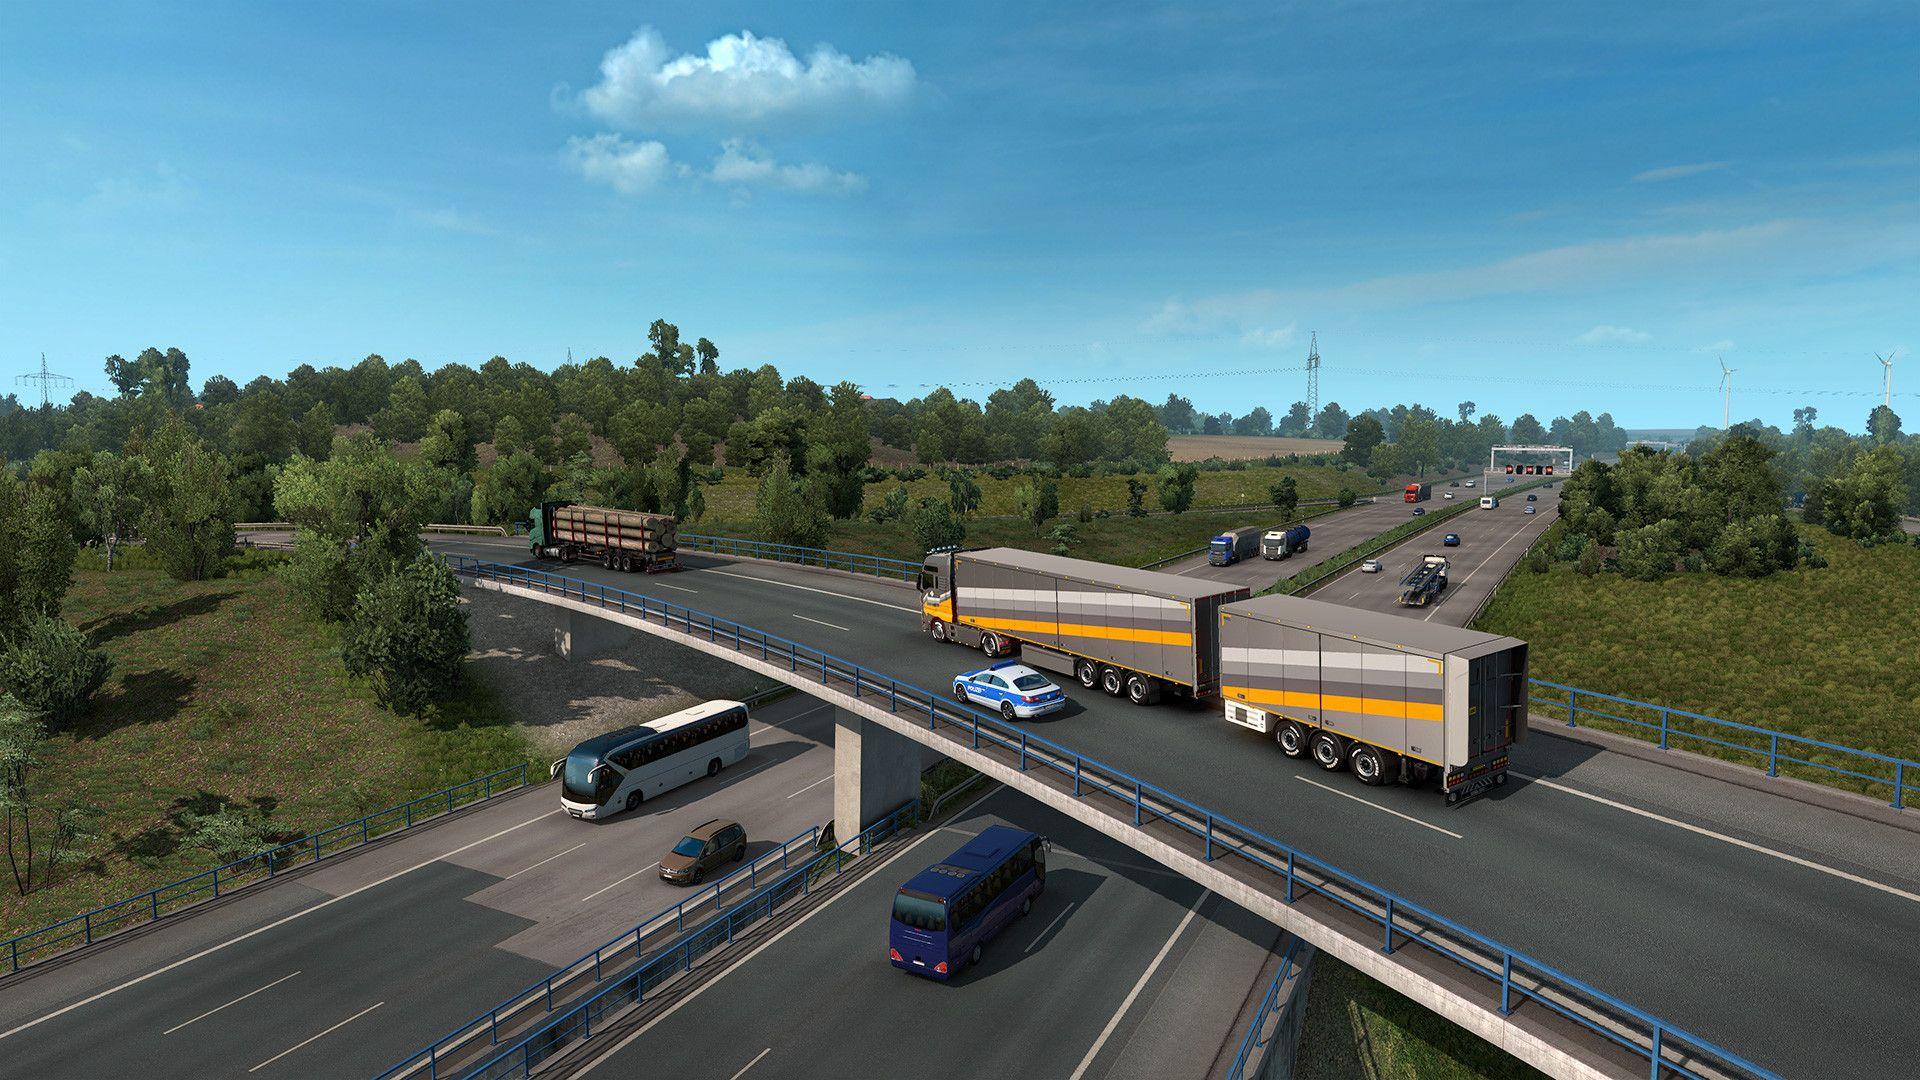 Tangkapan layar Euro Truck Simulator 2 menunjukkan truk melintasi jalan raya yang sibuk menggunakan jembatan